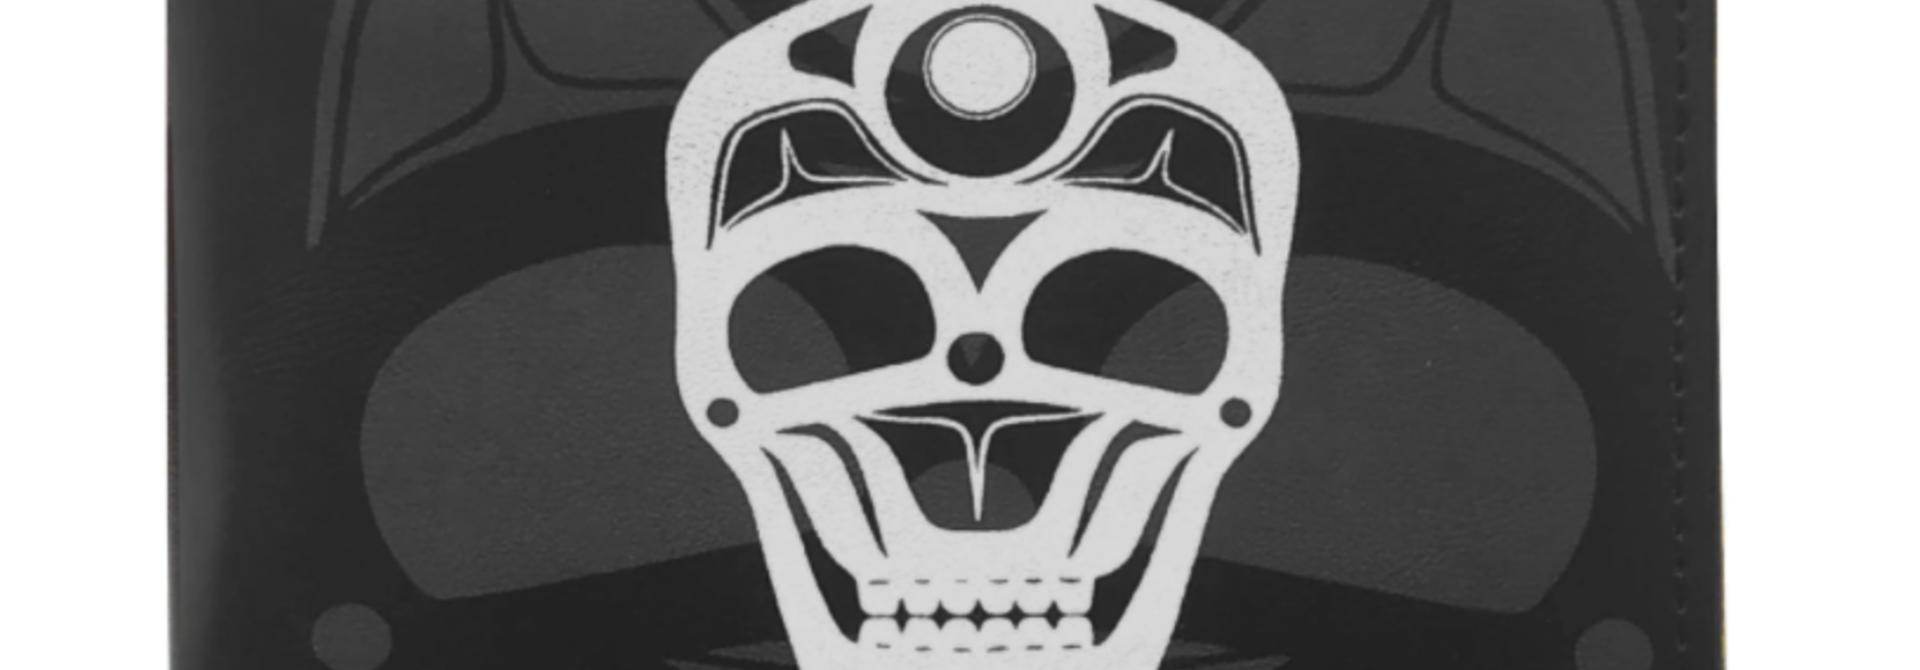 Men's Skull Wallet - by James Hohnson